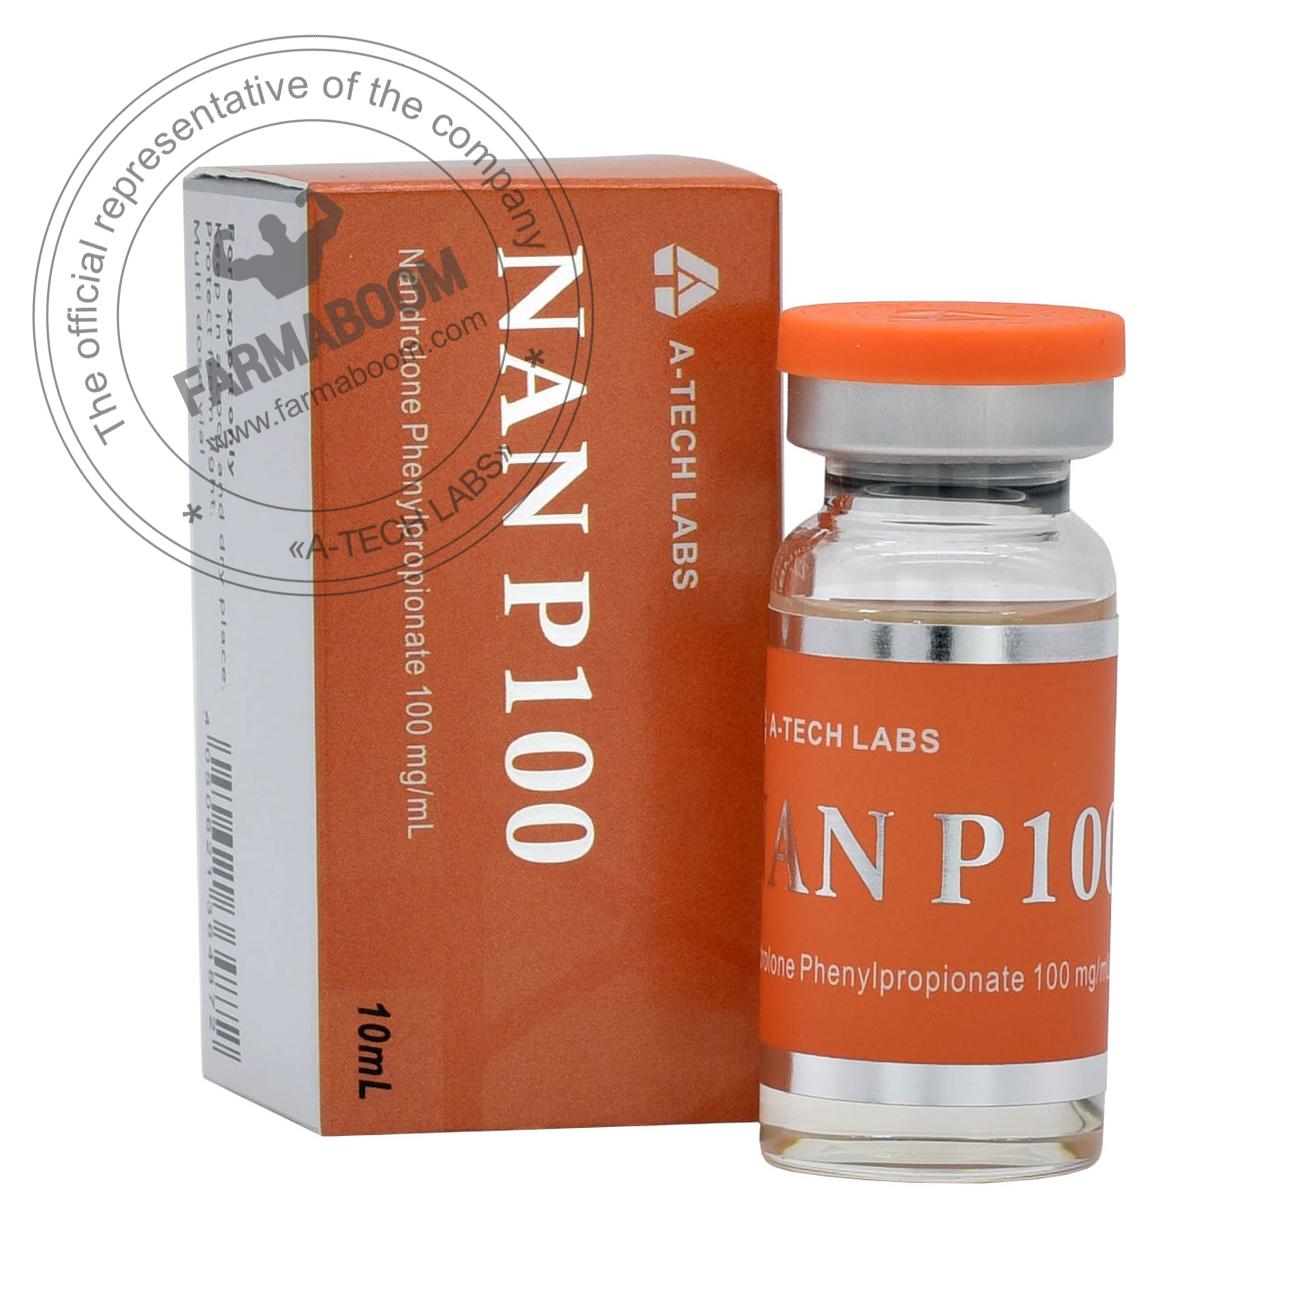 nan_p100_A-TECH LABS_farmaboom_com